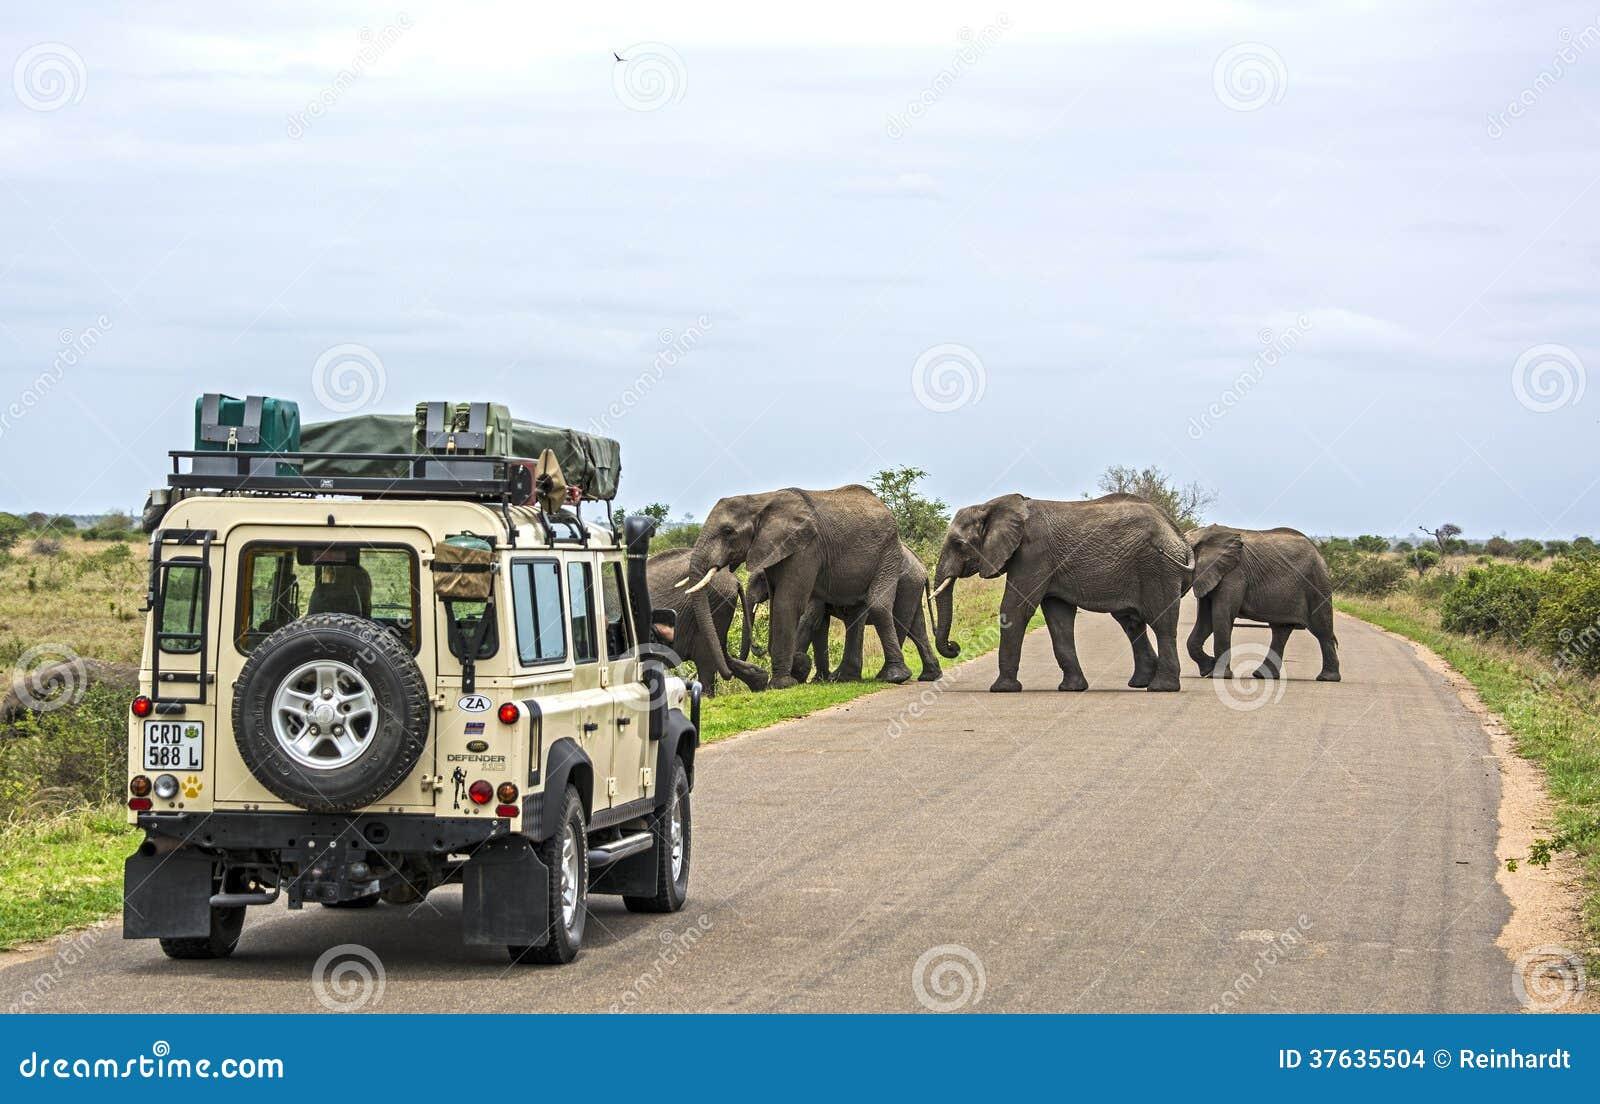 На сафари в Африке